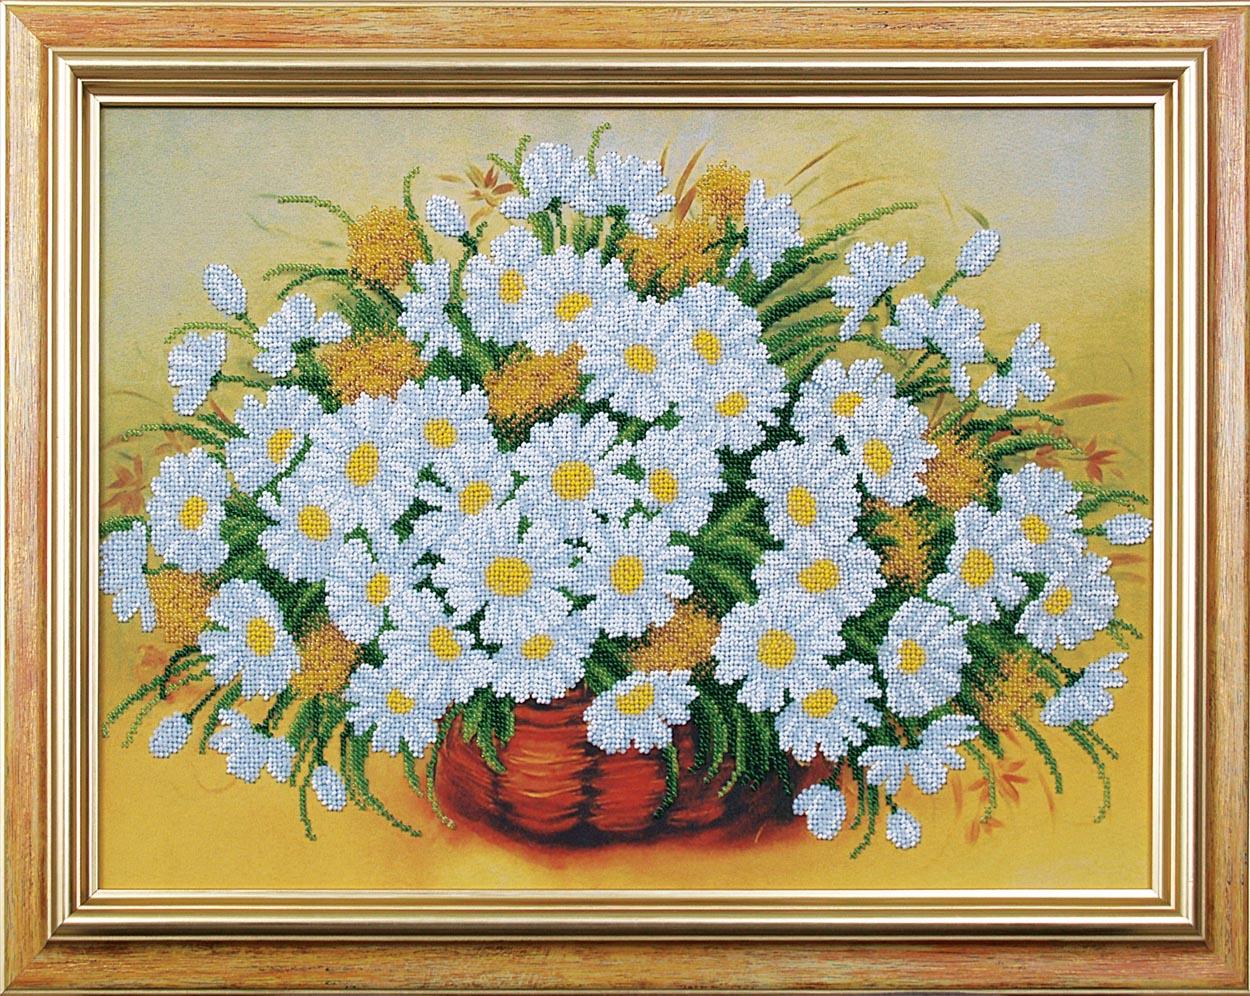 Магия канвы (производство: Украина) Цветы вышивание бисером 45х32 см уплотненная накатка с дизайнерским...